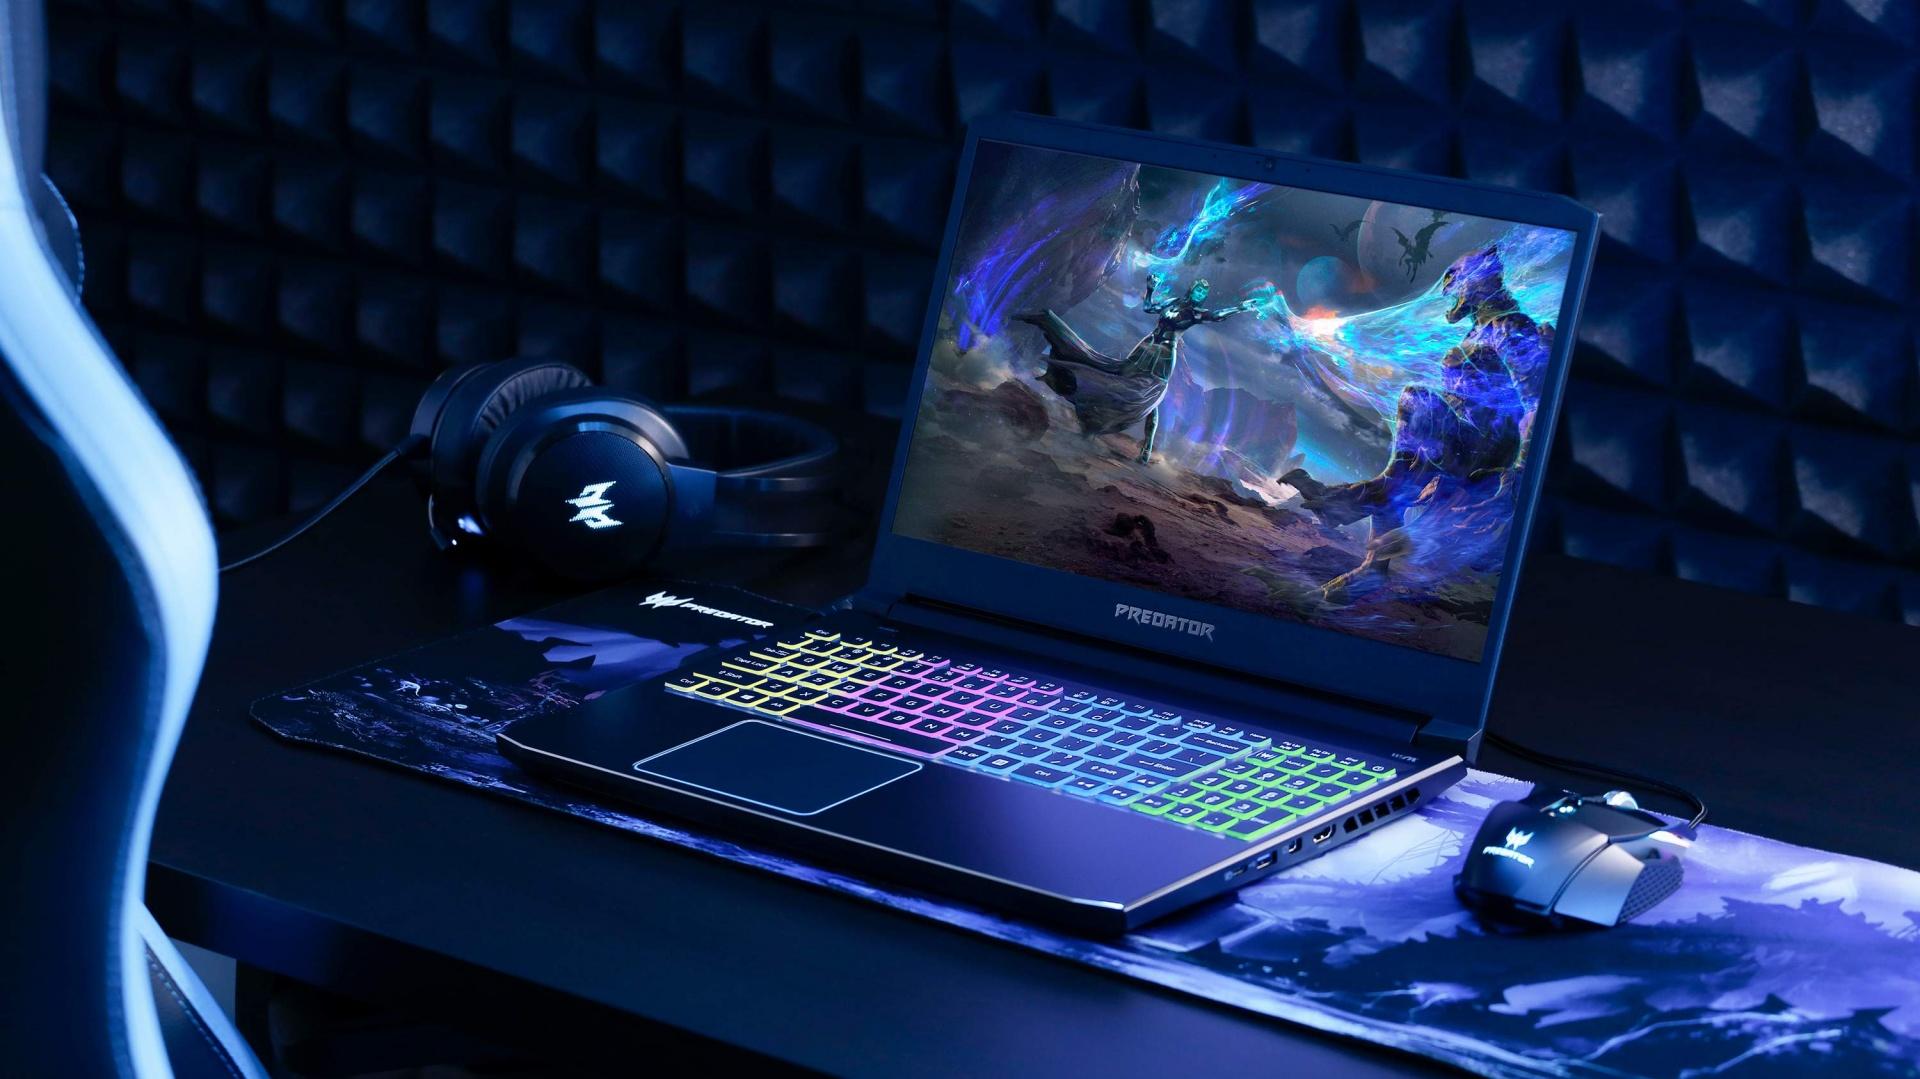 Обновлённый игровой ноутбук Predator Helios 300 поступил в продажу